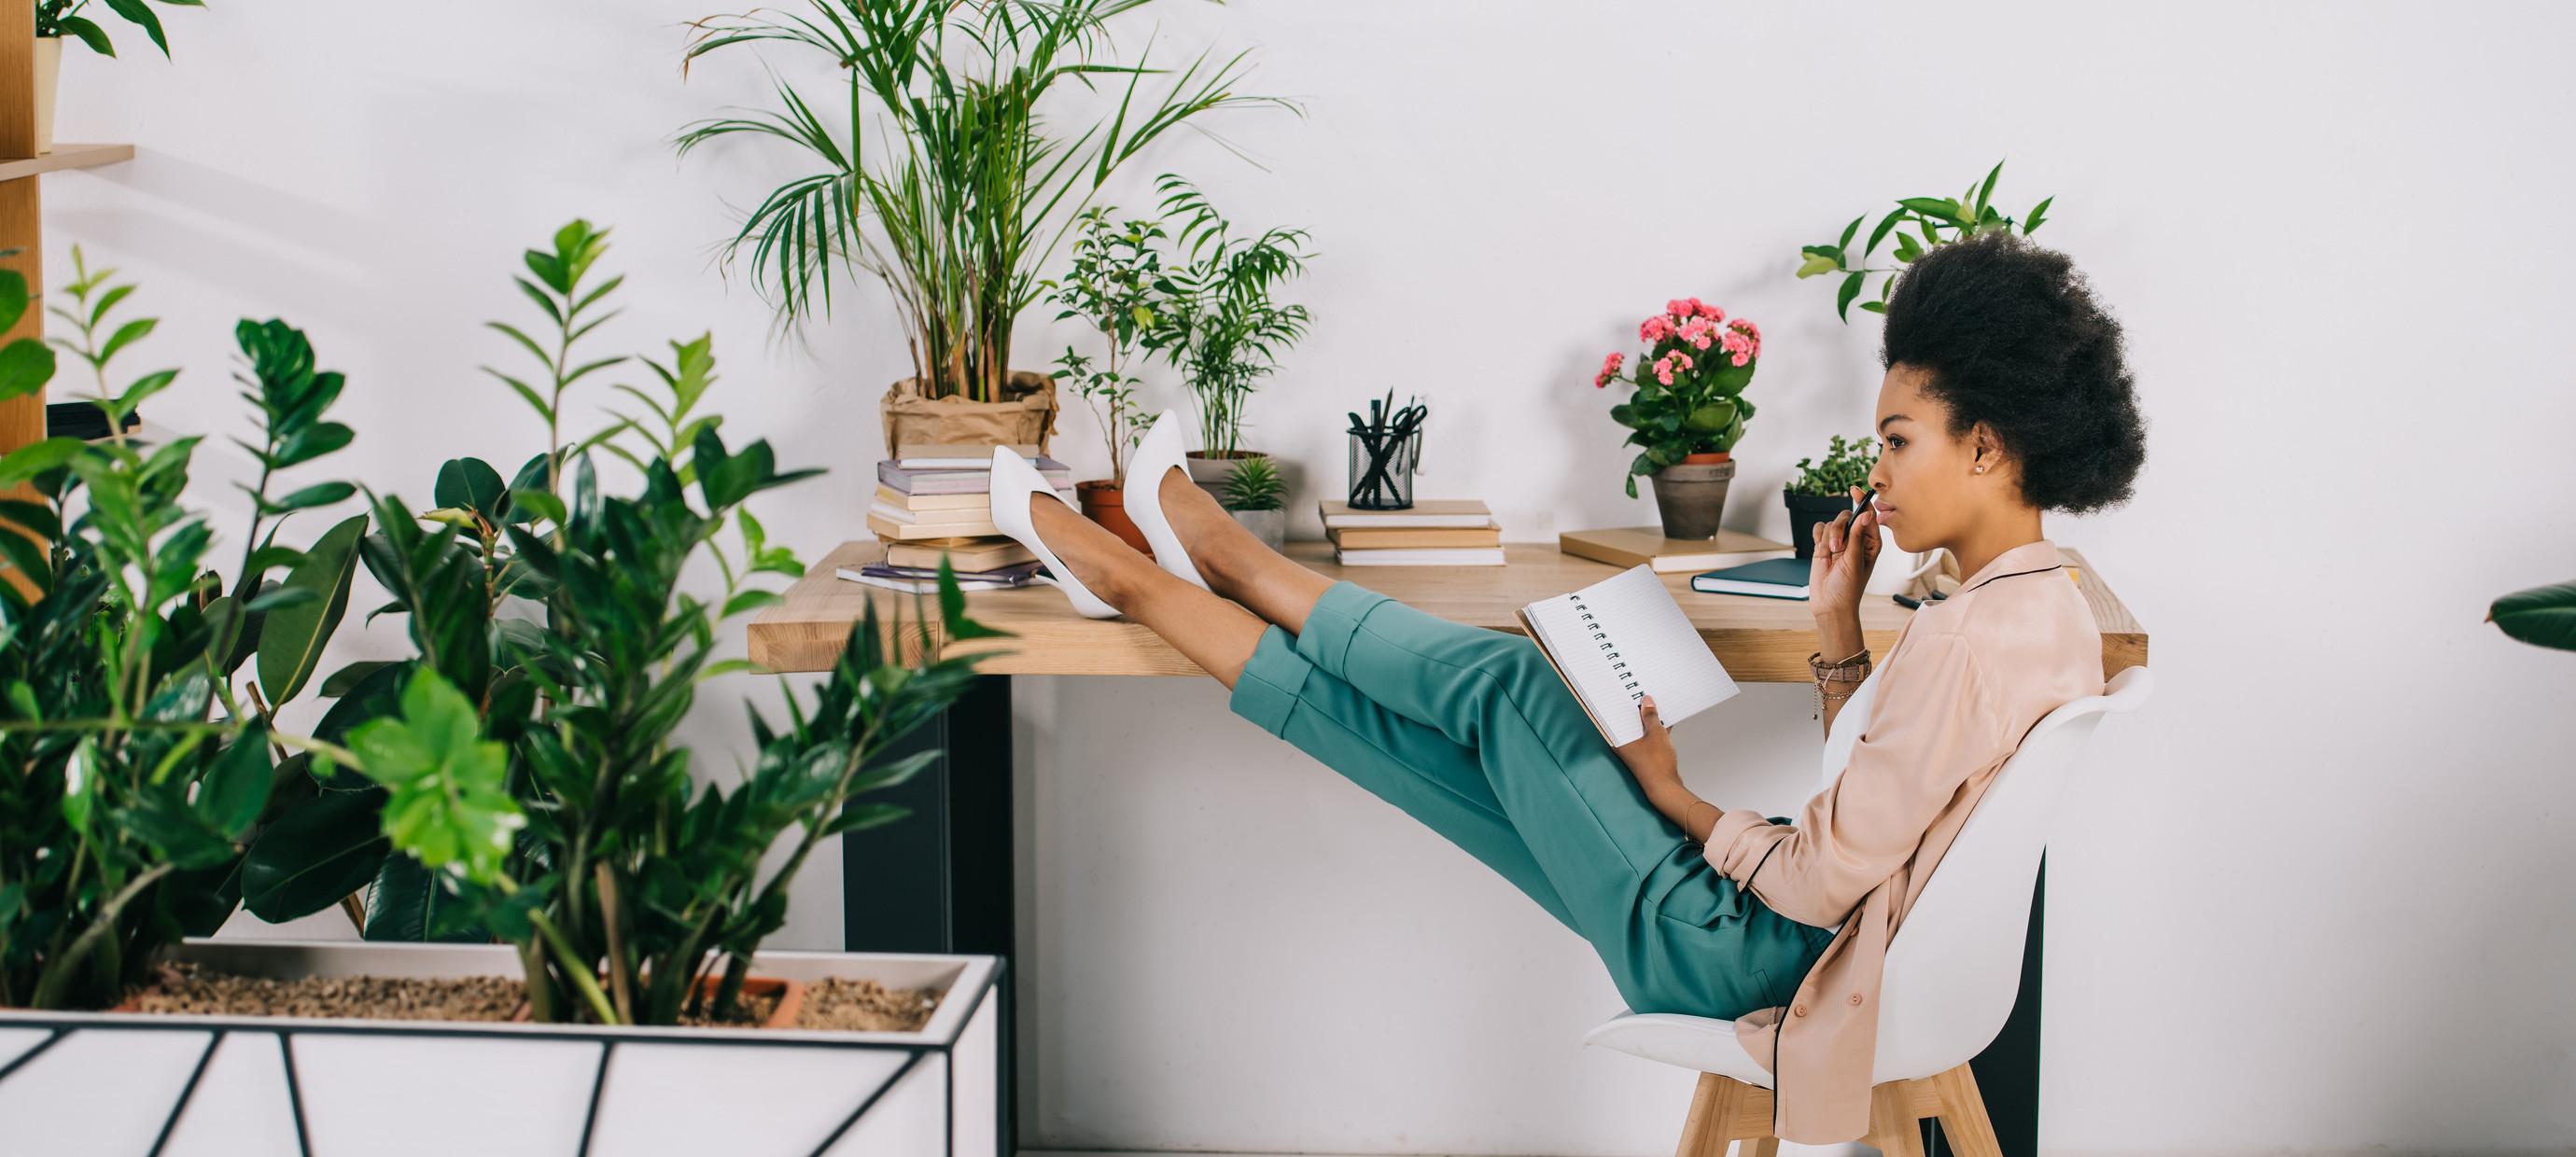 Stres? Deze planten helpen je met ontspannen